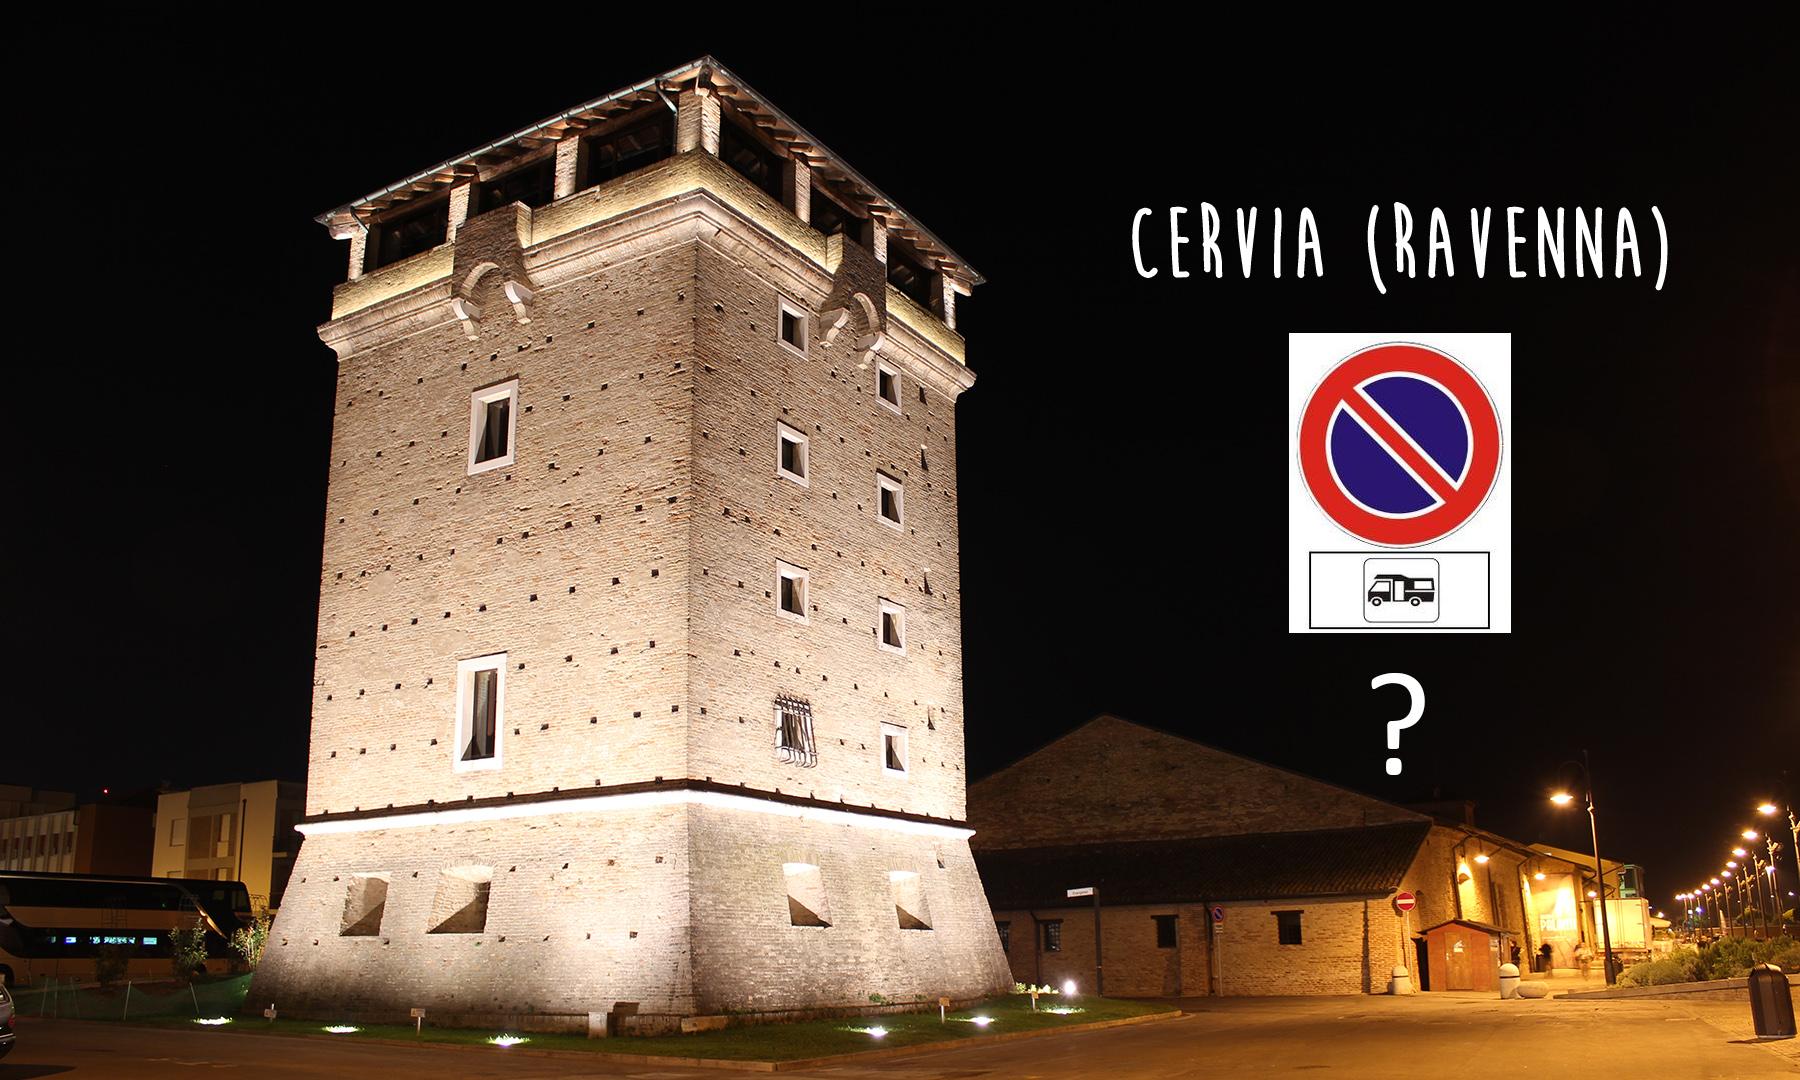 Ordinanza di divieto sosta camper revocata a Cervia, Ravenna